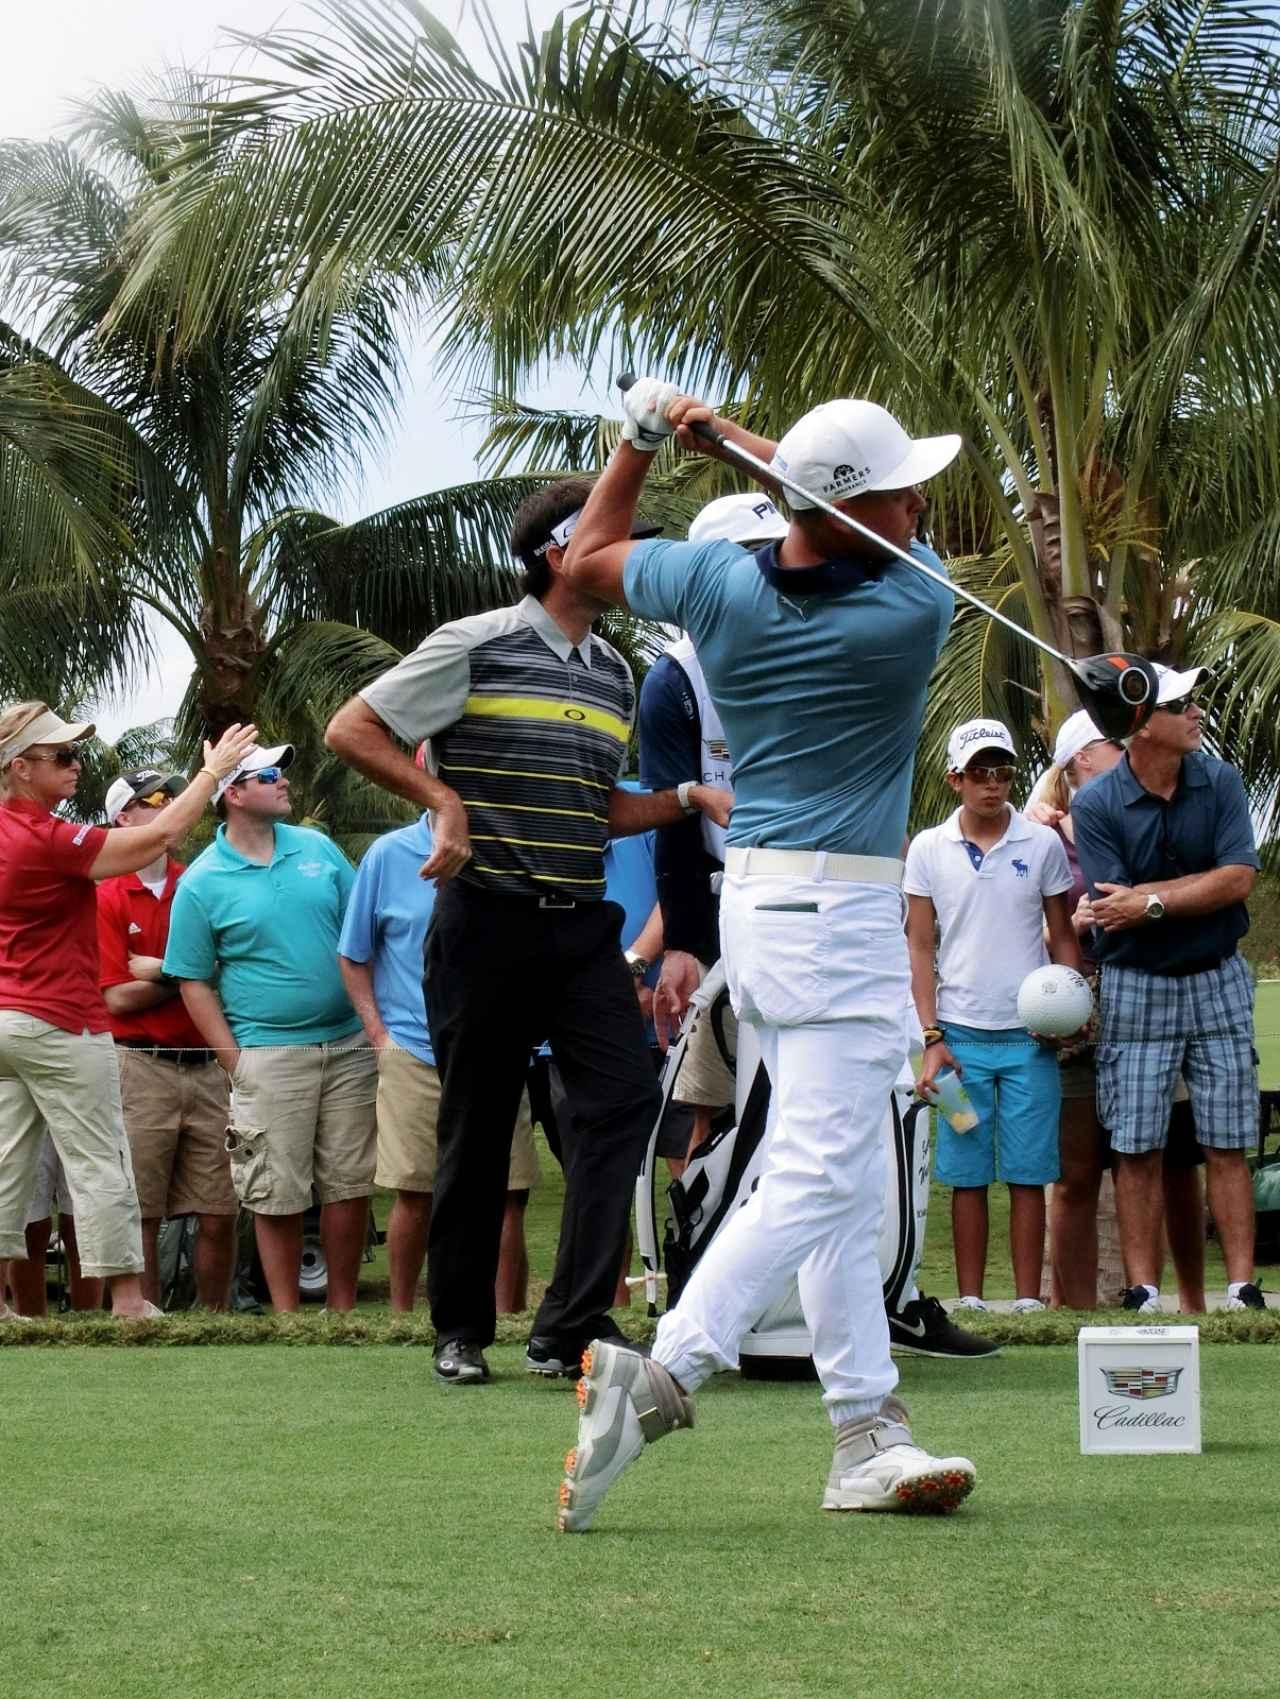 画像16: リッキー・ファウラーのココが凄い!PGAツアー スウィング超解説⑤